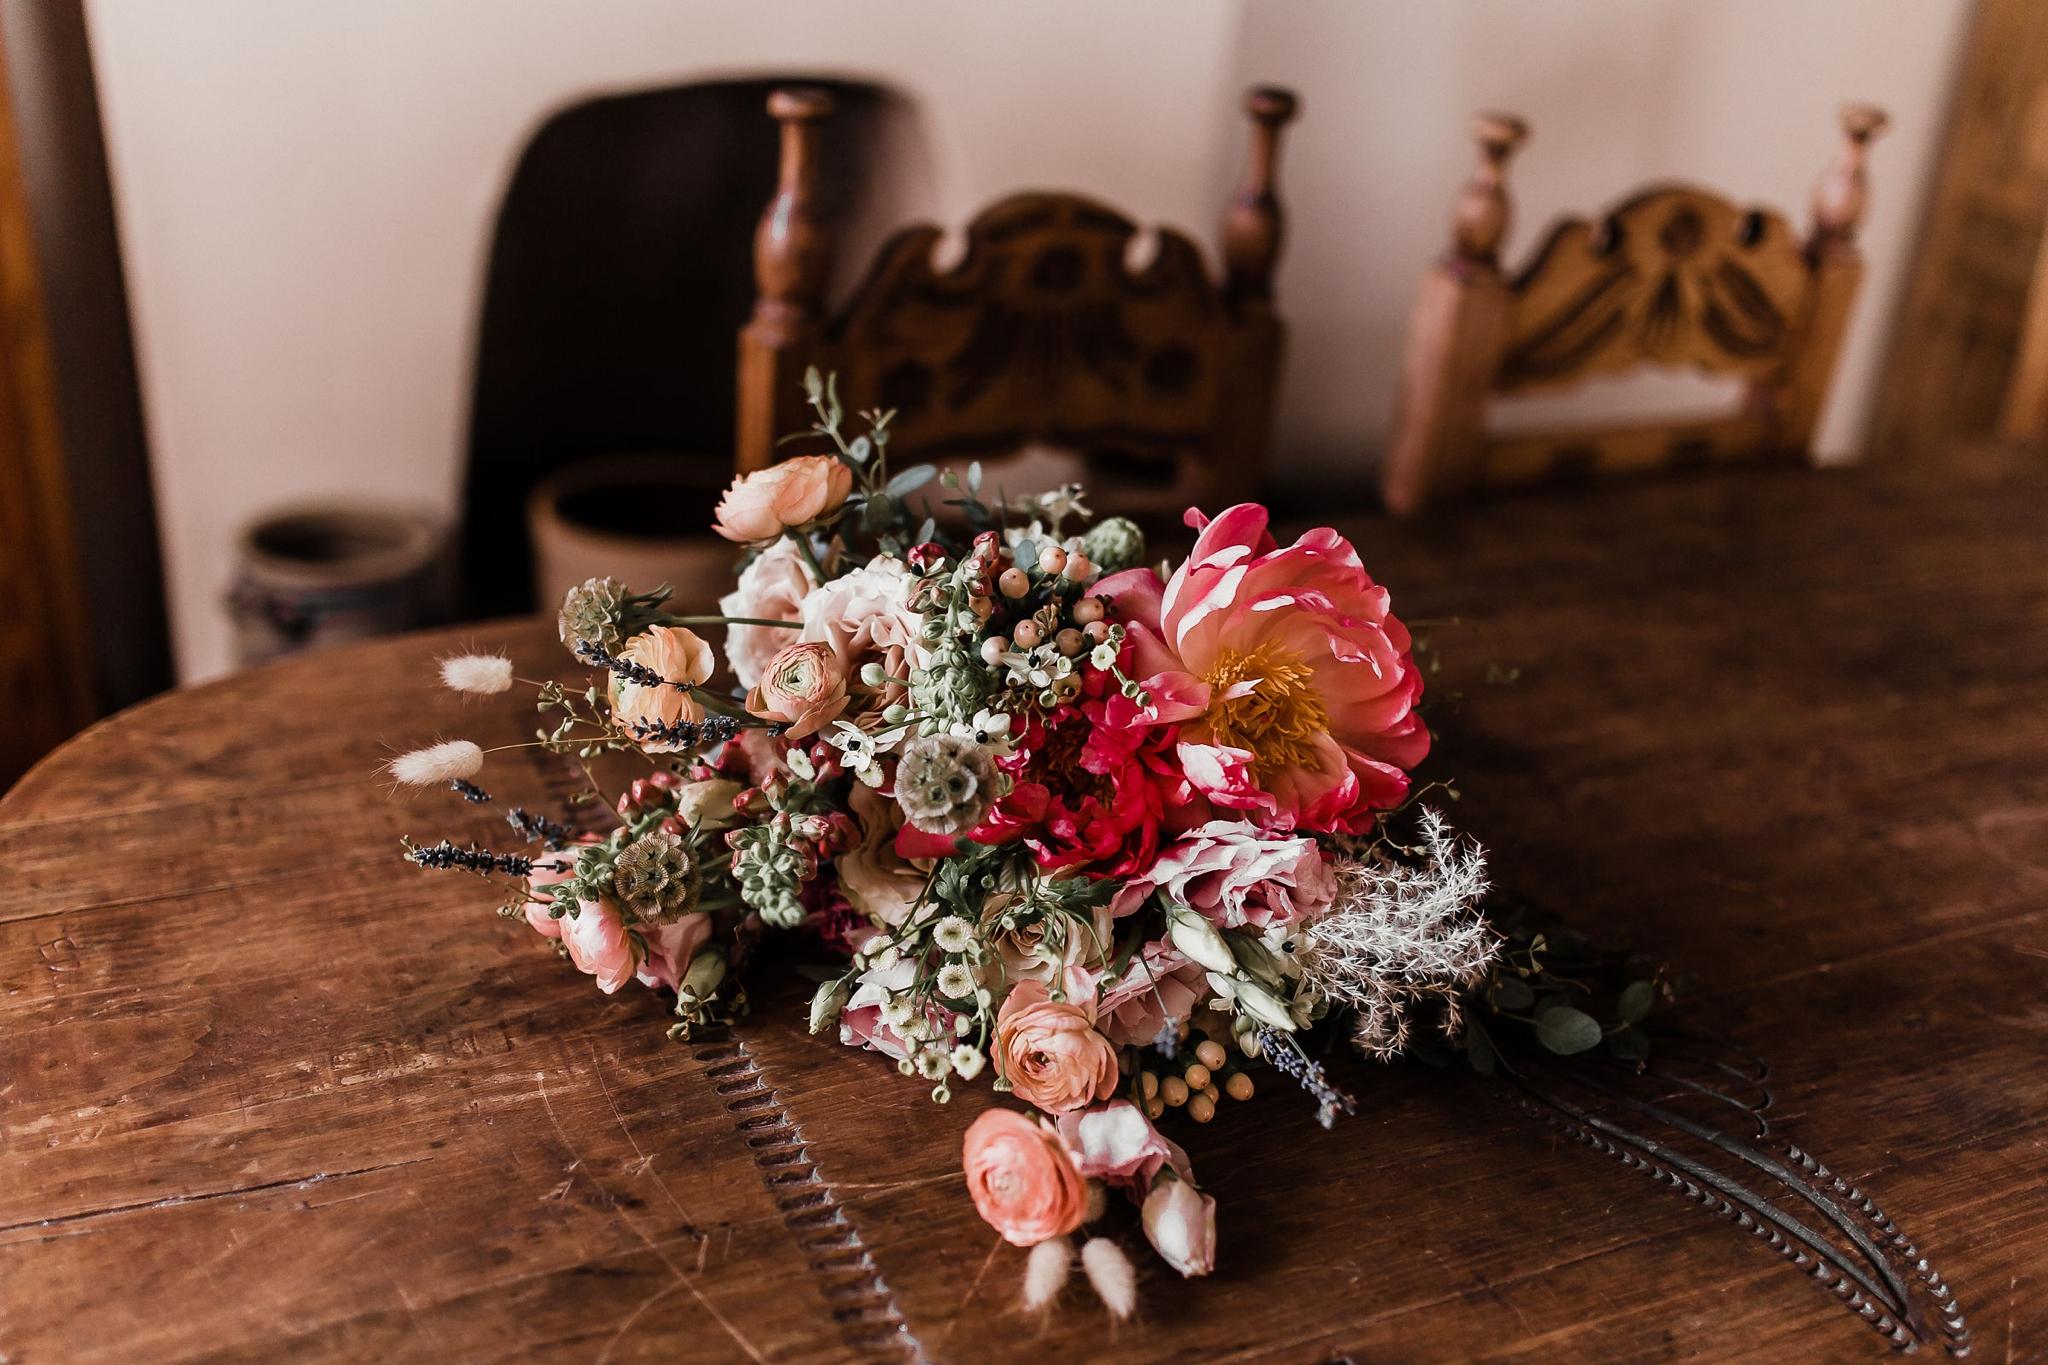 Alicia+lucia+photography+-+albuquerque+wedding+photographer+-+santa+fe+wedding+photography+-+new+mexico+wedding+photographer+-+new+mexico+wedding+-+summer+wedding+-+summer+wedding+florals+-+southwest+wedding_0093.jpg